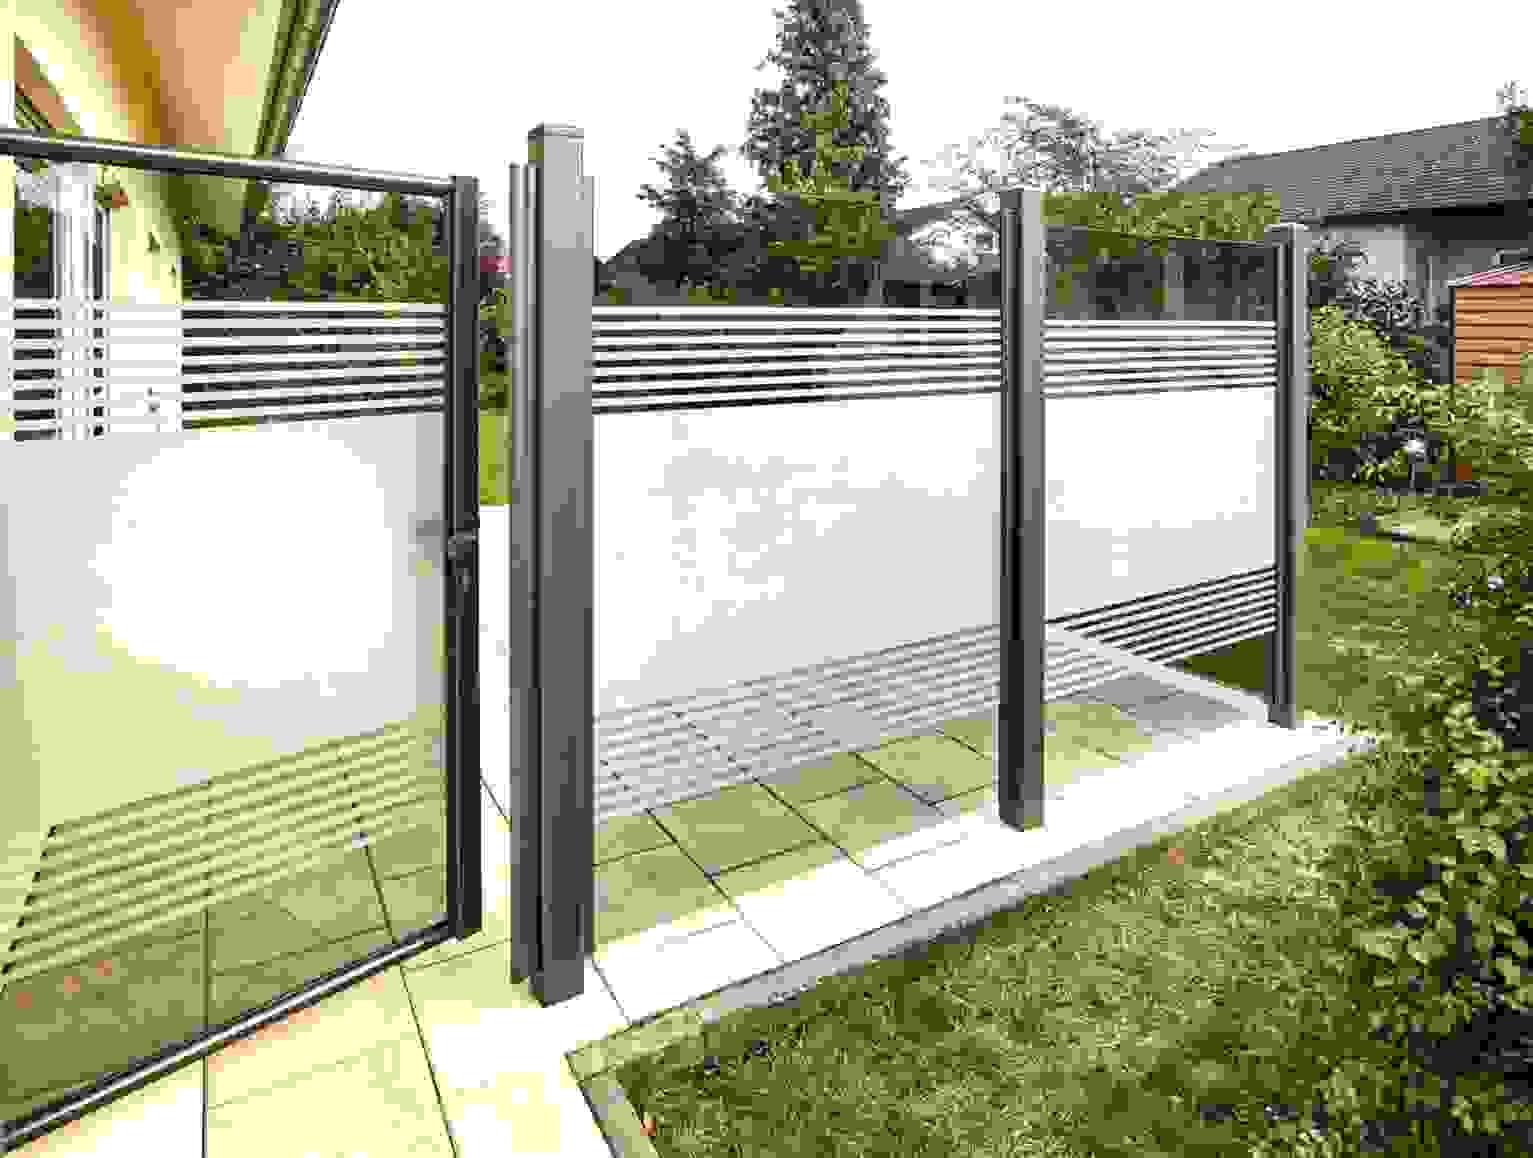 Einzigartig 40 Windschutz Terrasse Glas Metall Konzept von Windschutz Für Terrasse Aus Glas Photo